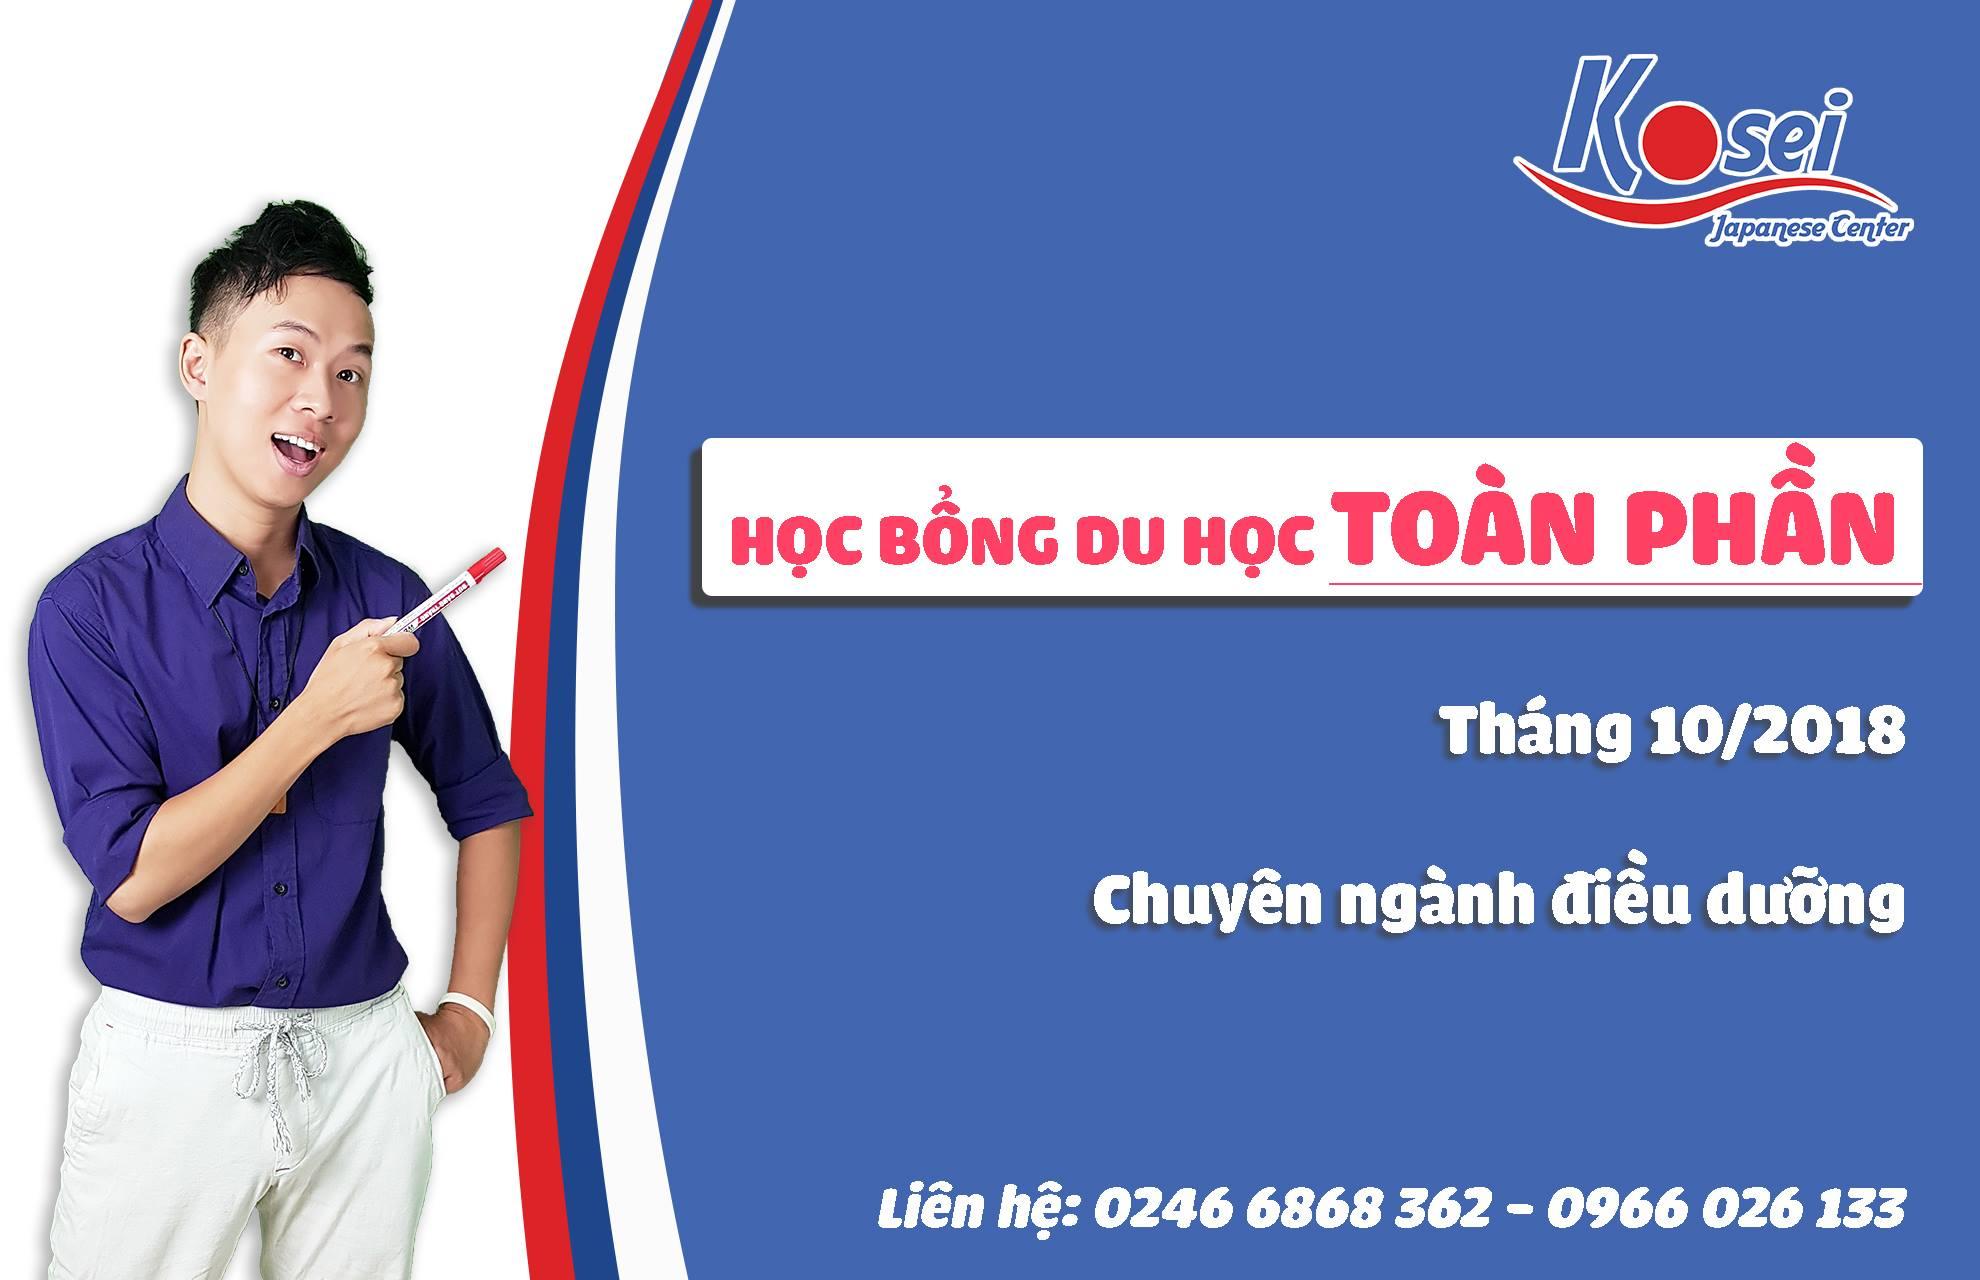 http://kosei.vn/hoc-bong-du-hoc-toan-phan-chuyen-nganh-dieu-duong-n1493.html